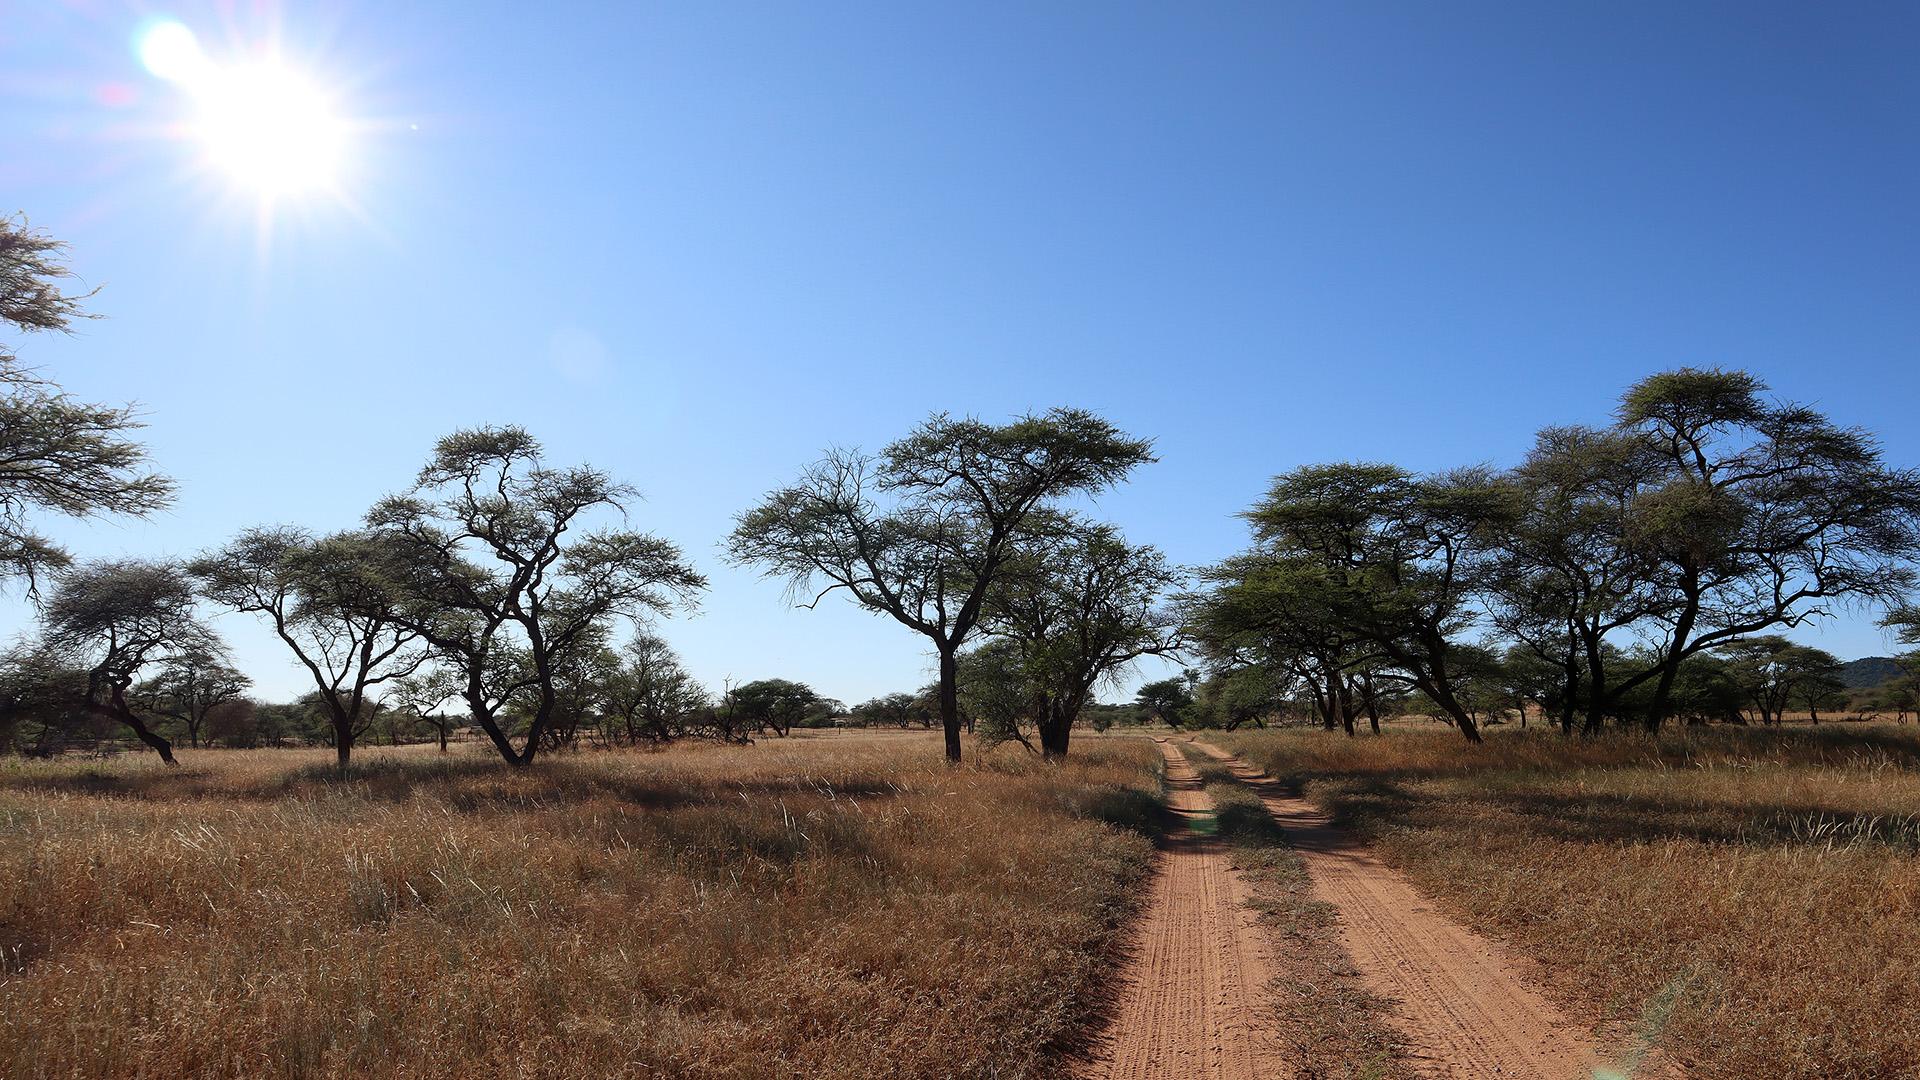 Auf dem Weg nach Kalkfeld in Namibia